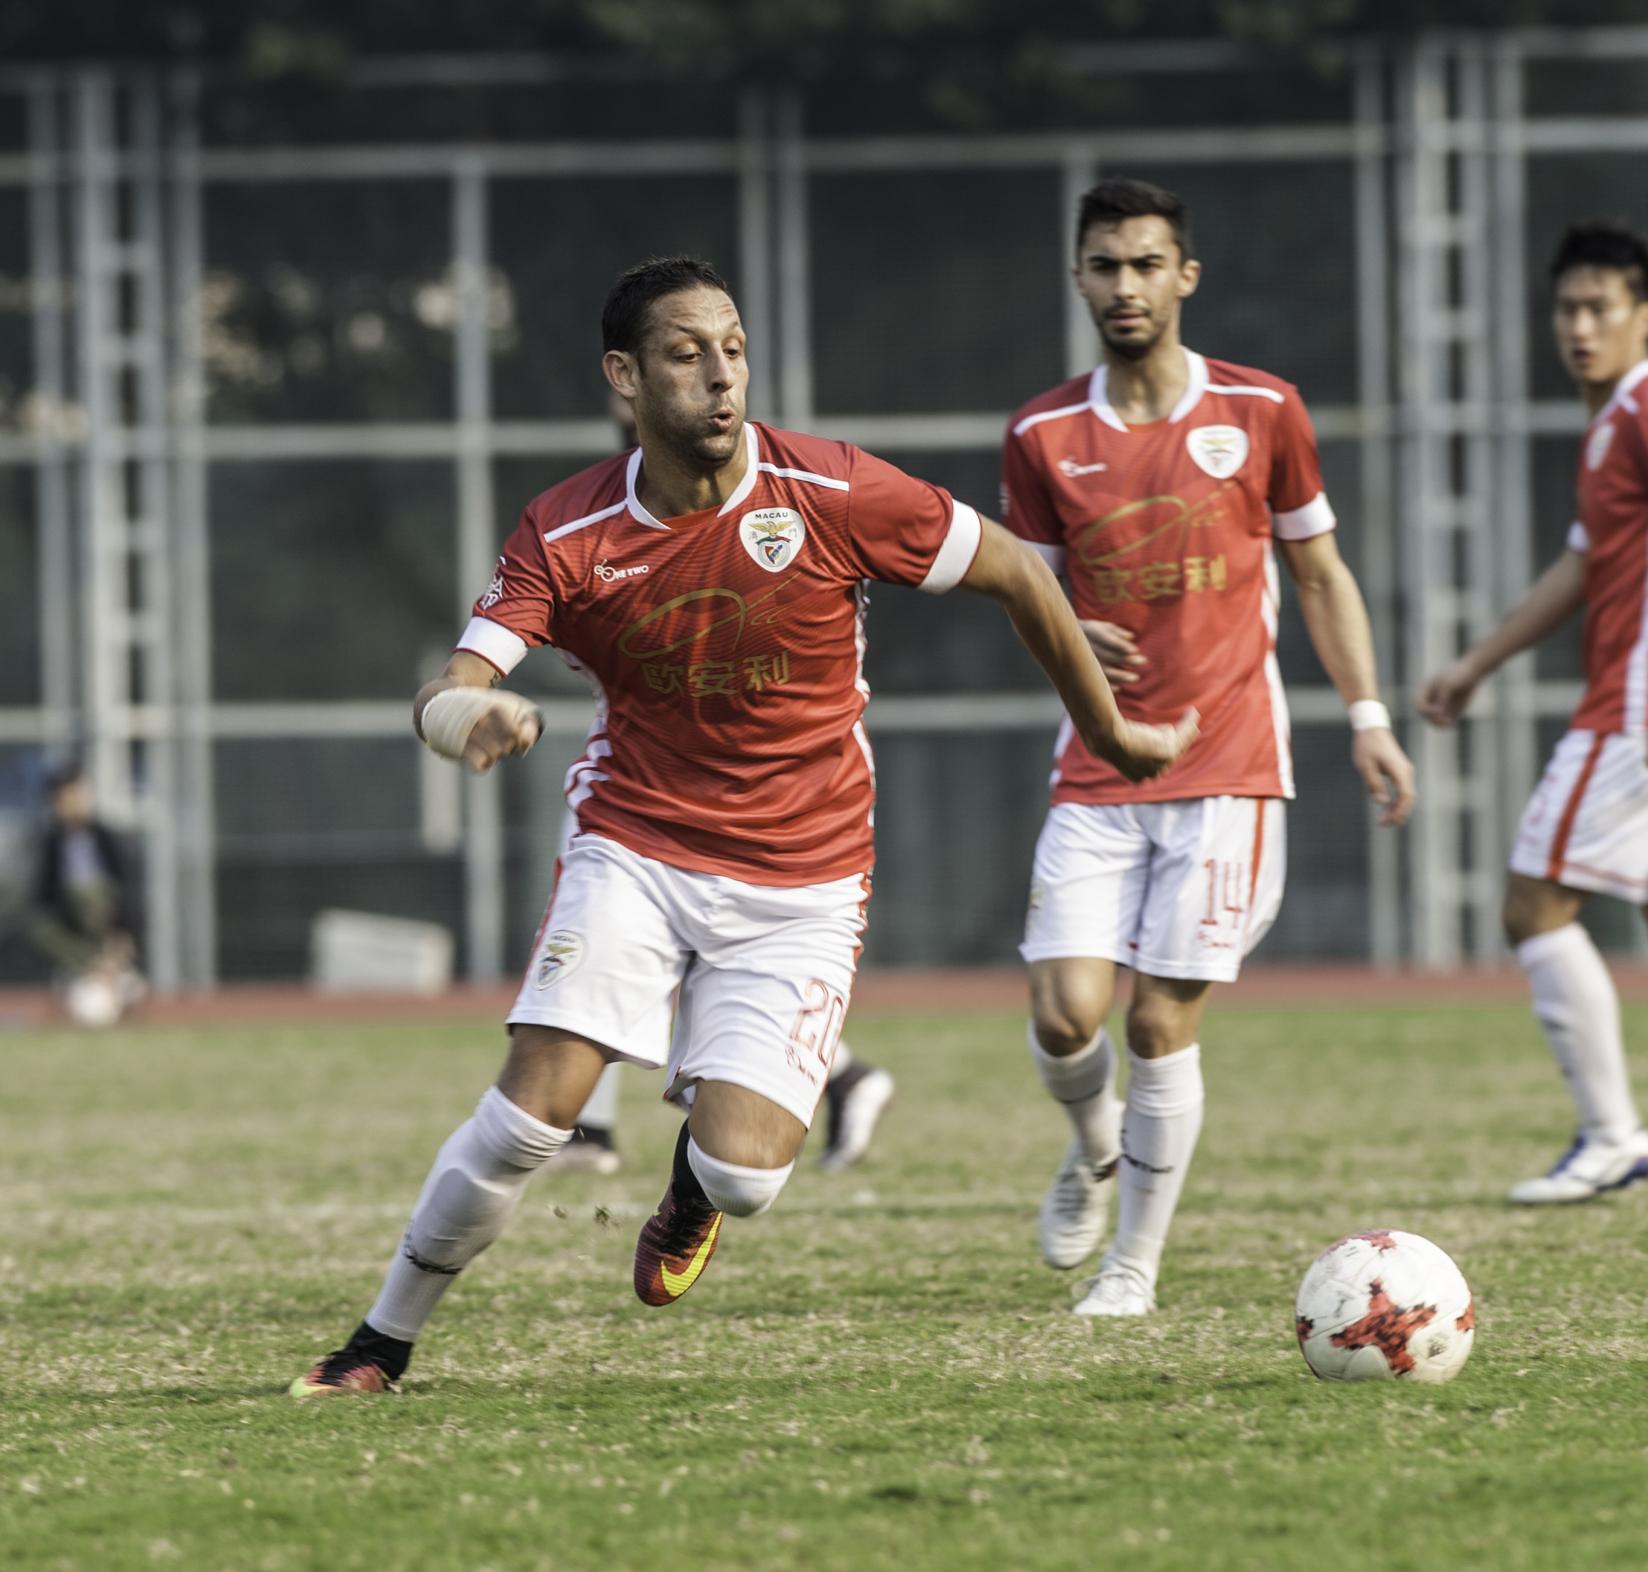 Liga de Elite | Arranque no dia 23 com o encontro entre Sporting e Hang Sai